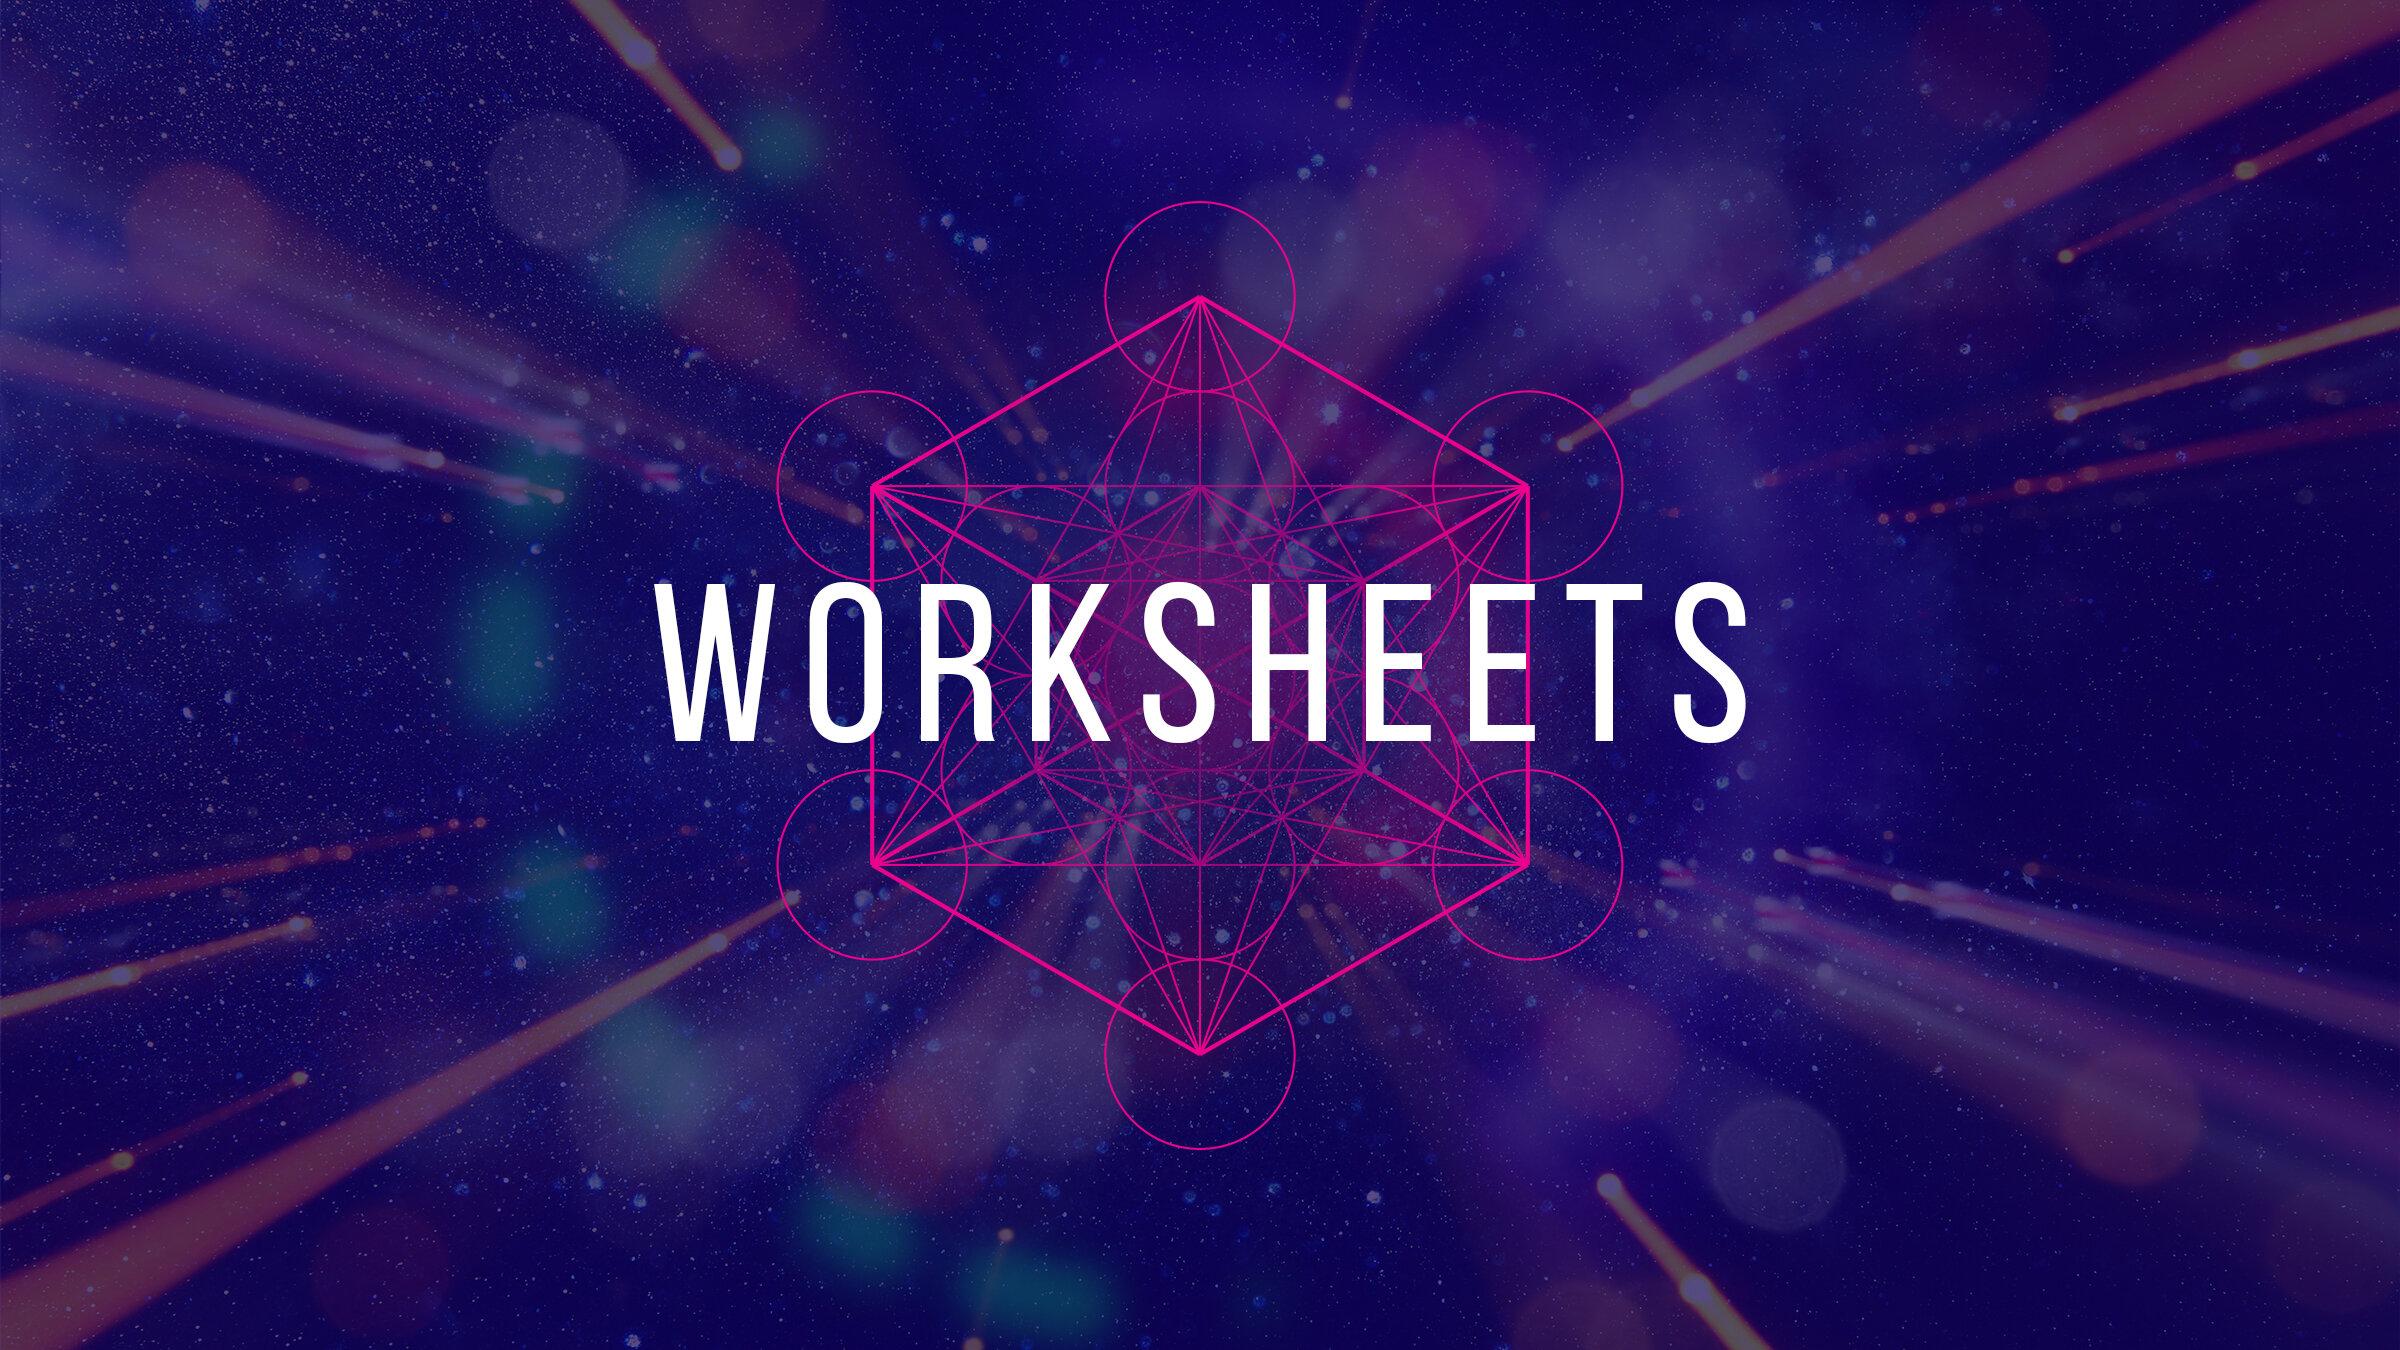 Worksheets.jpg